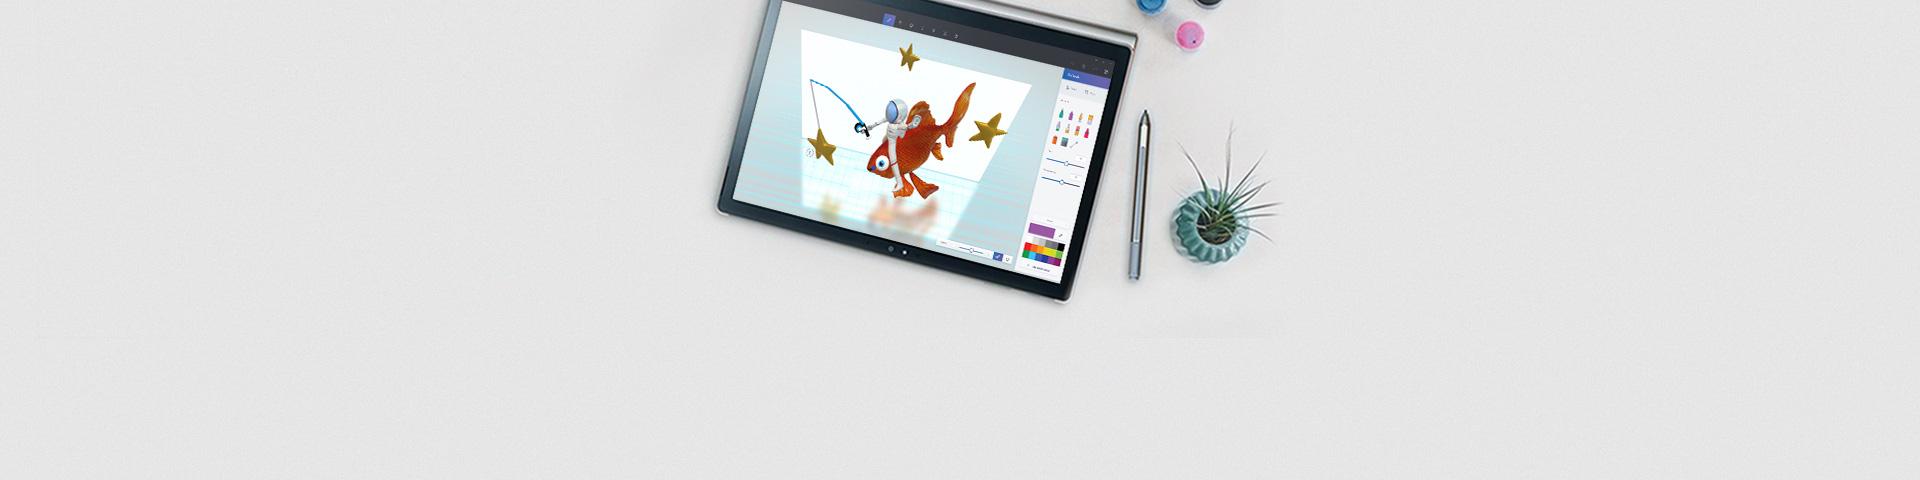 En PC-enhet på et skrivebord med en penn